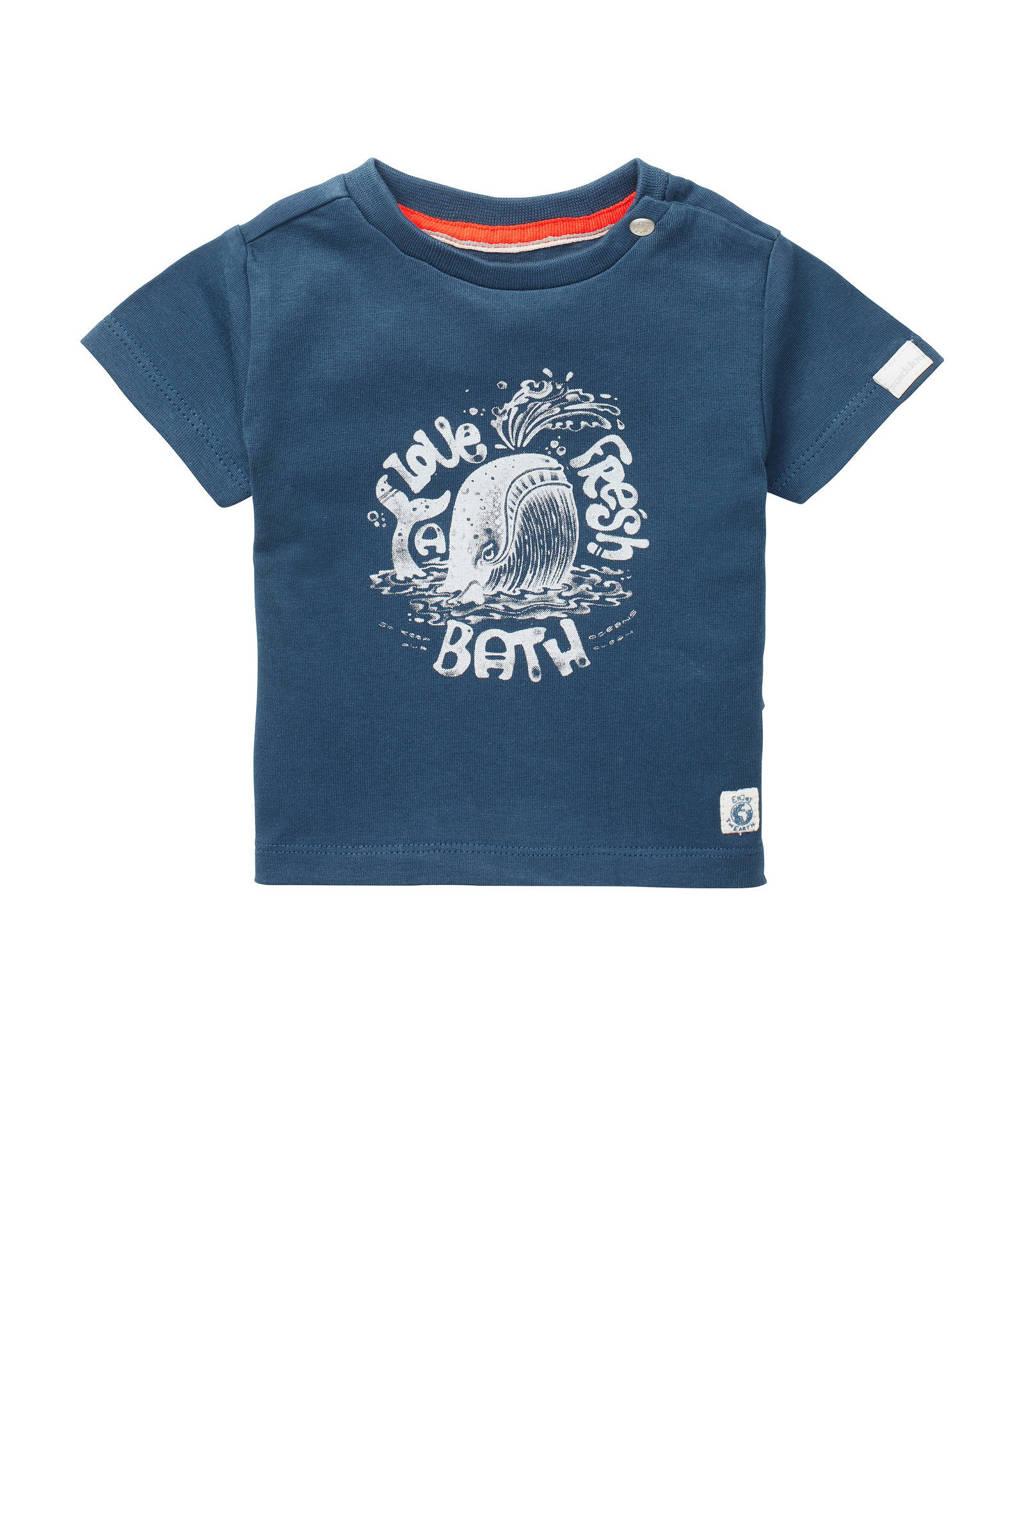 Noppies baby T-shirt Twisk met biologisch katoen blauw, Blauw